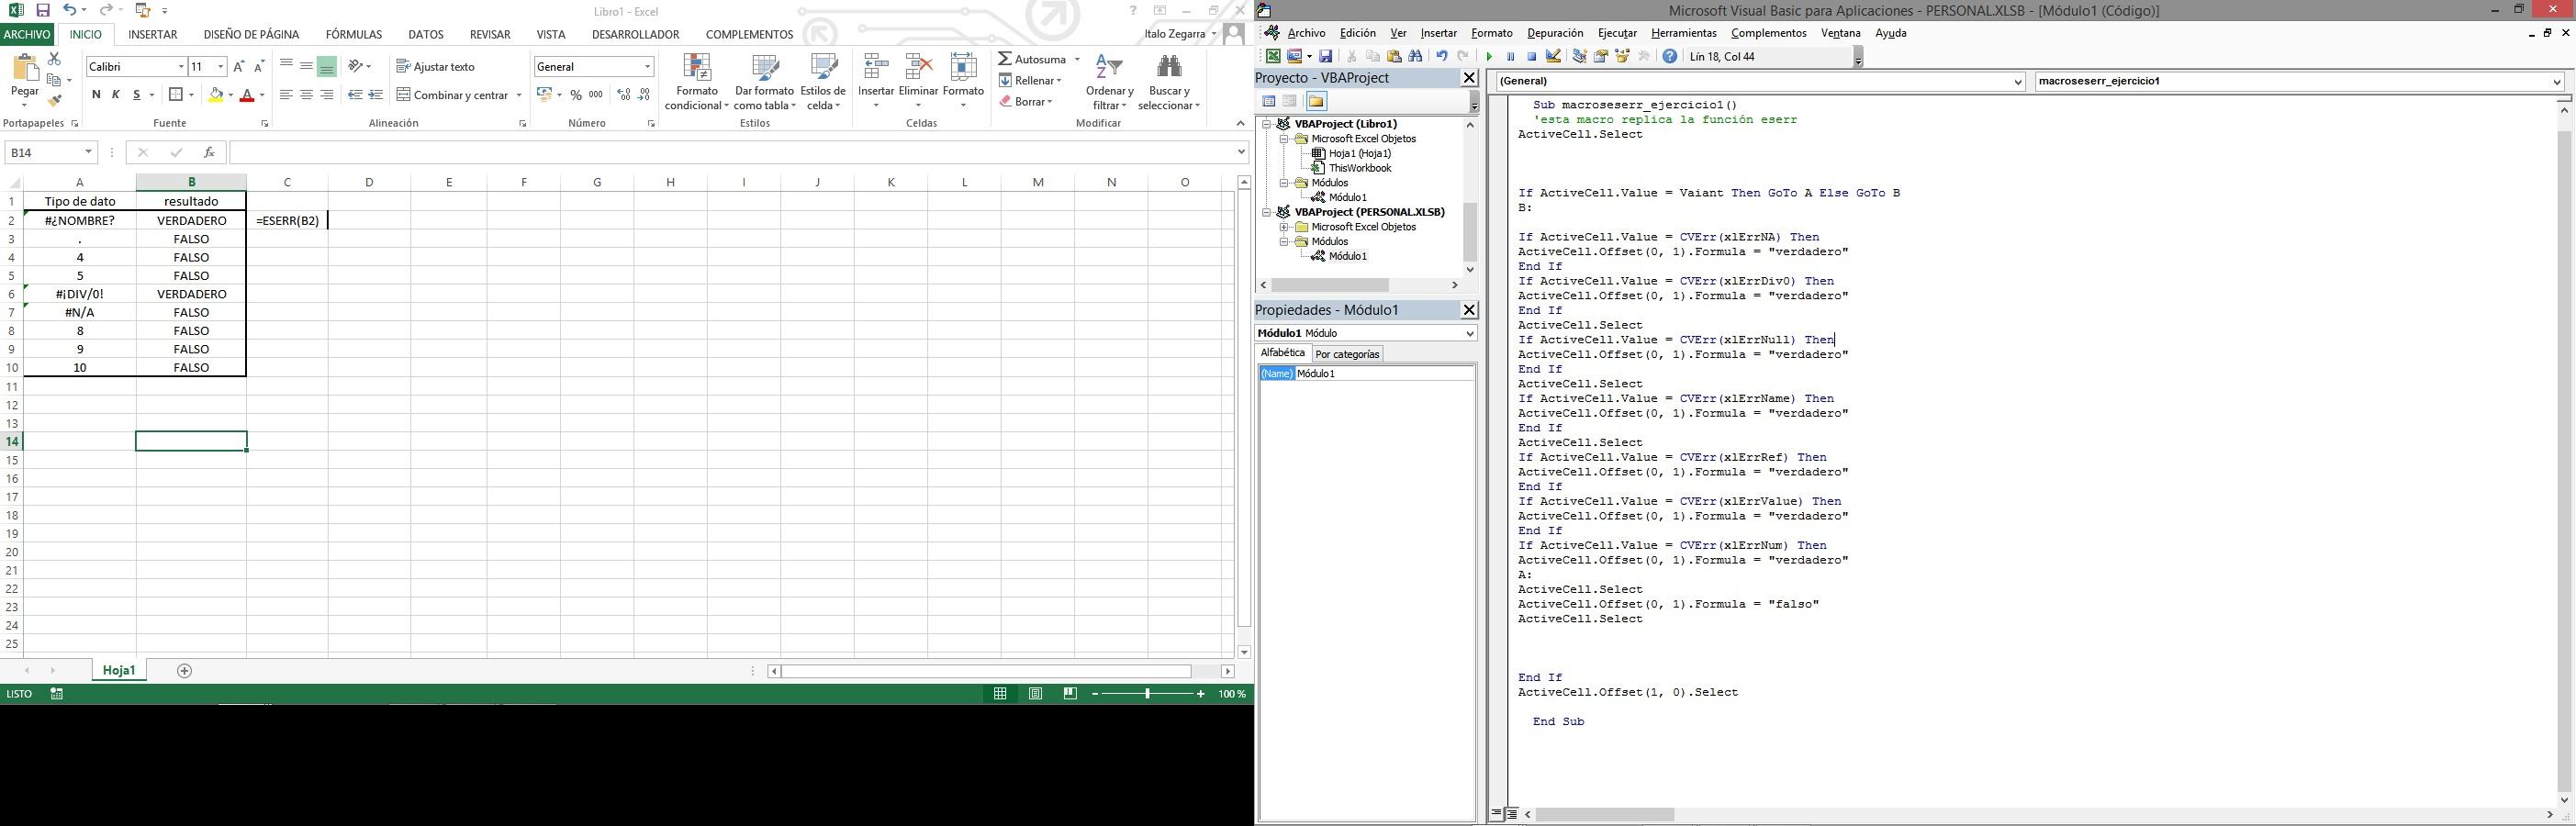 Funcion Eserr Excel Avanzado